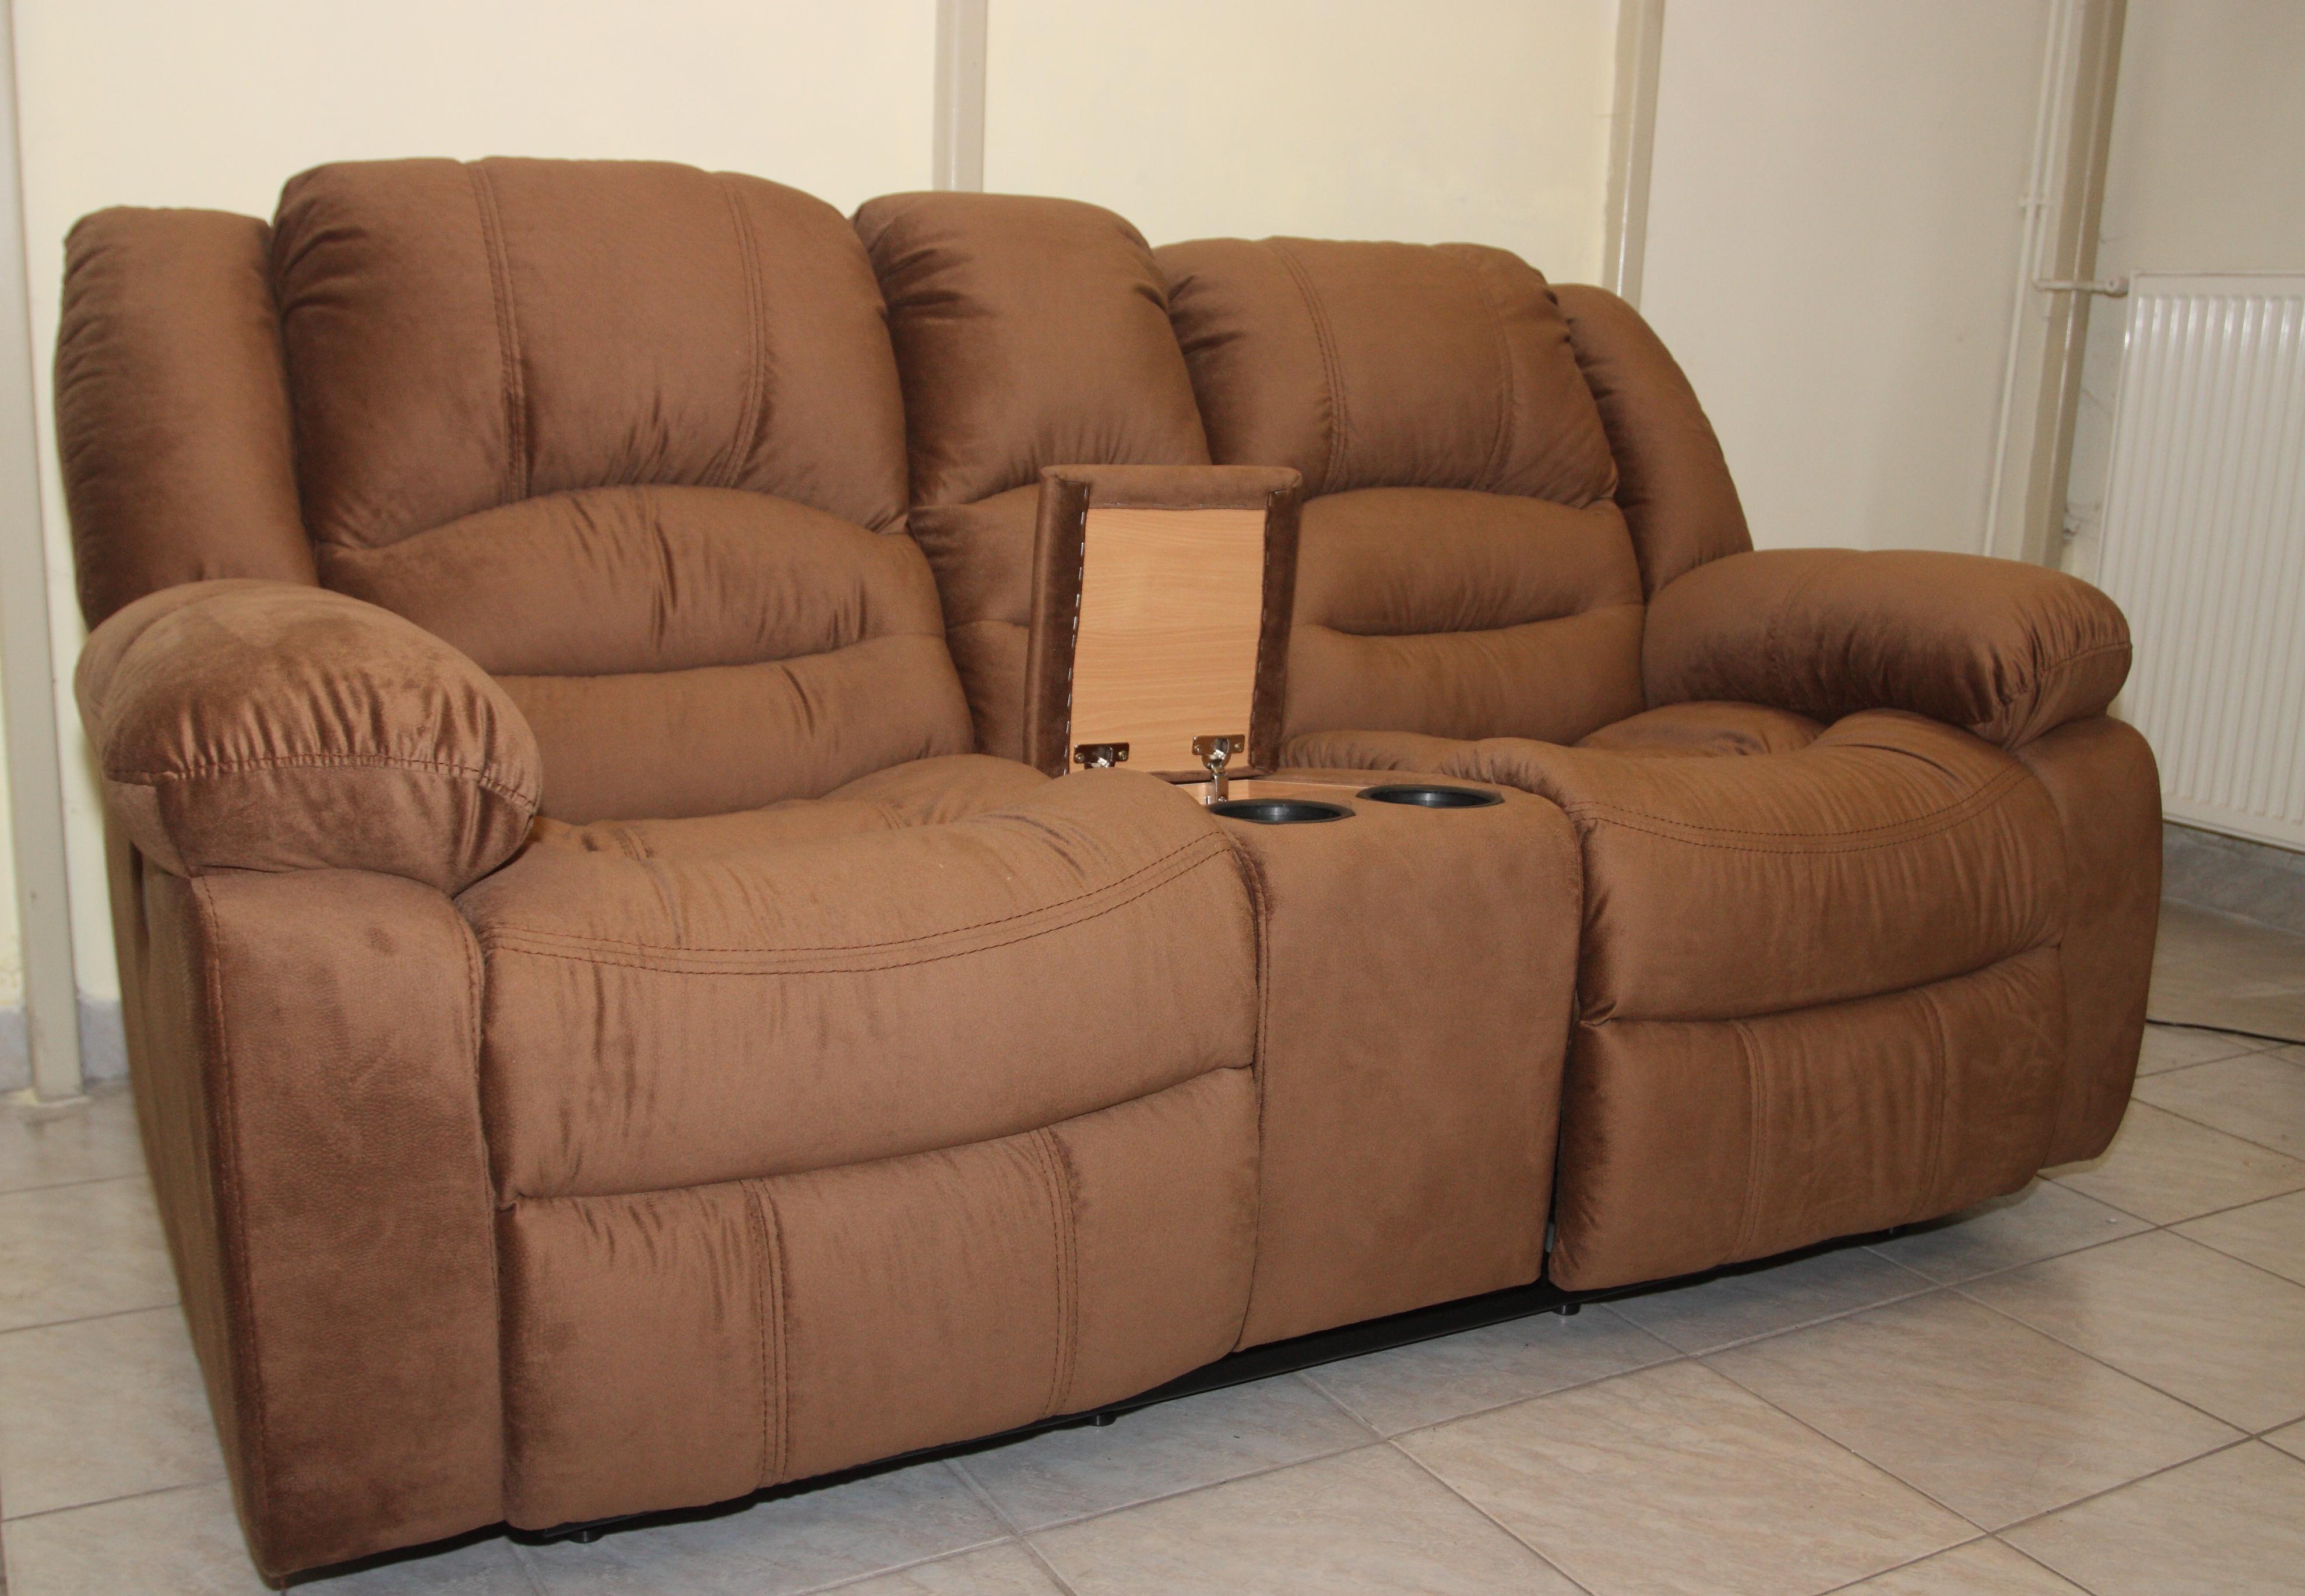 Fotel TV fotelek relax ülőgarnitúra - Jóbarátok Fotel